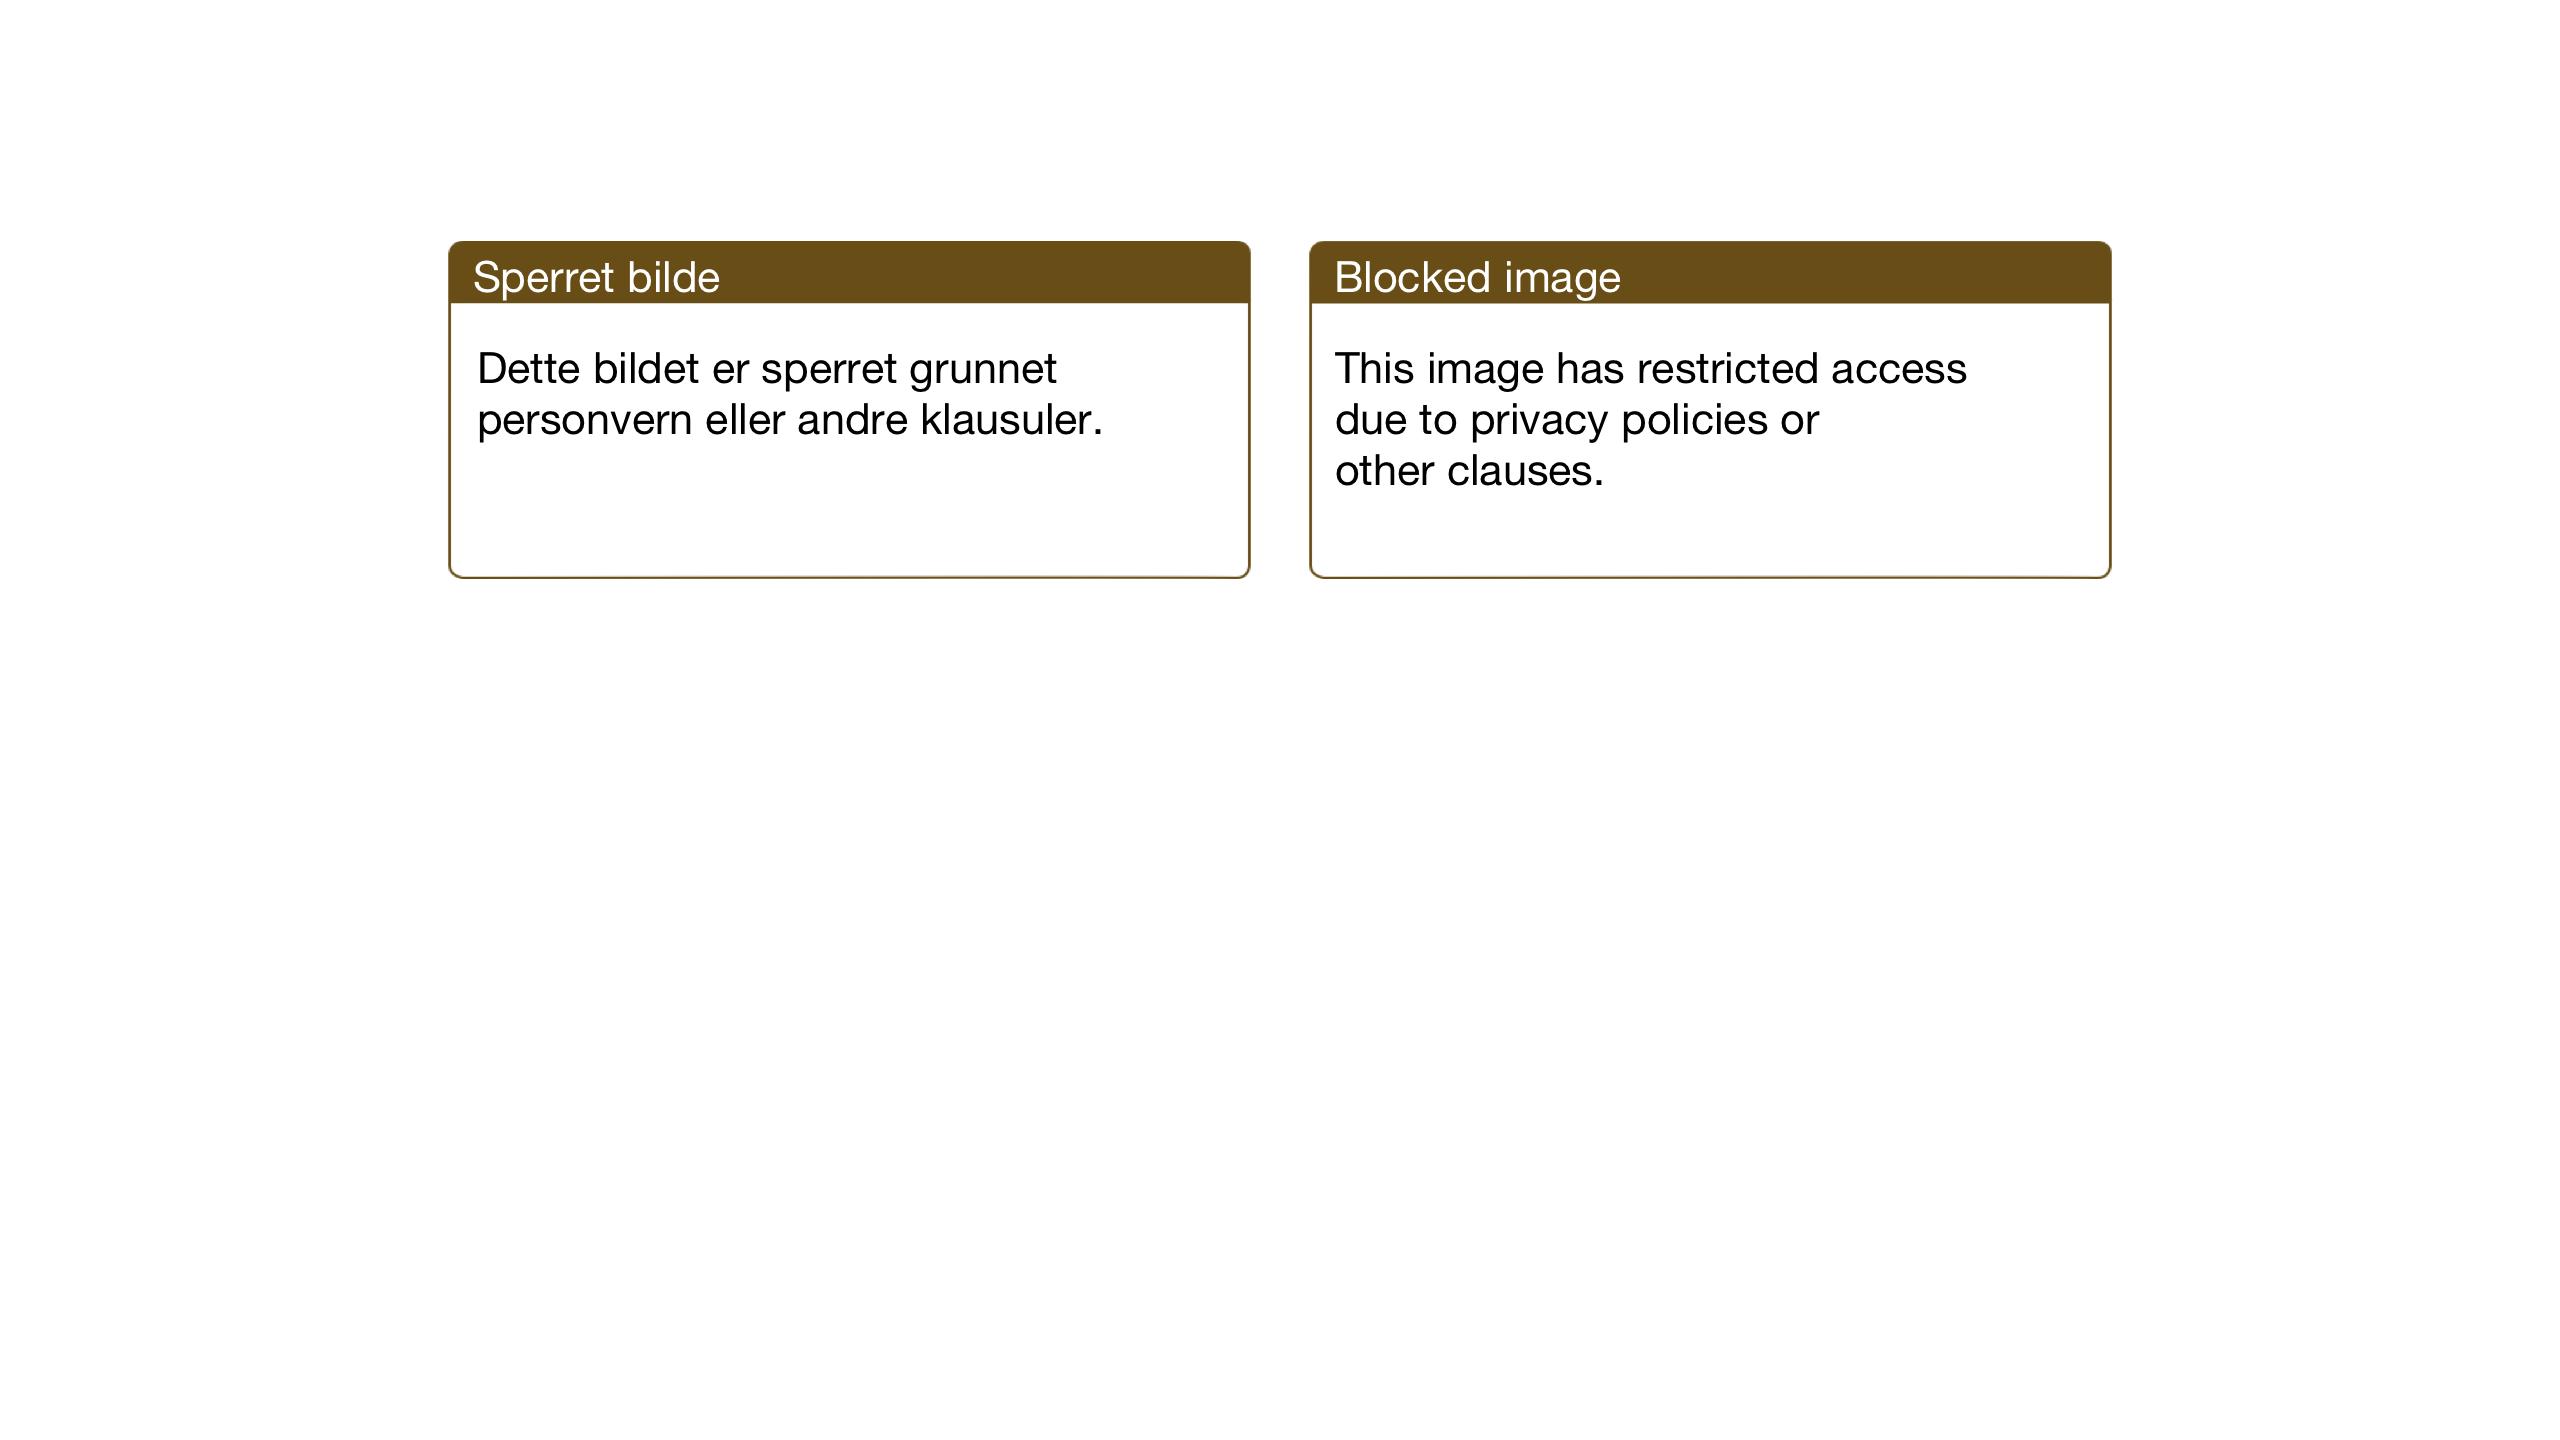 SAT, Ministerialprotokoller, klokkerbøker og fødselsregistre - Nord-Trøndelag, 755/L0500: Klokkerbok nr. 755C01, 1920-1962, s. 117